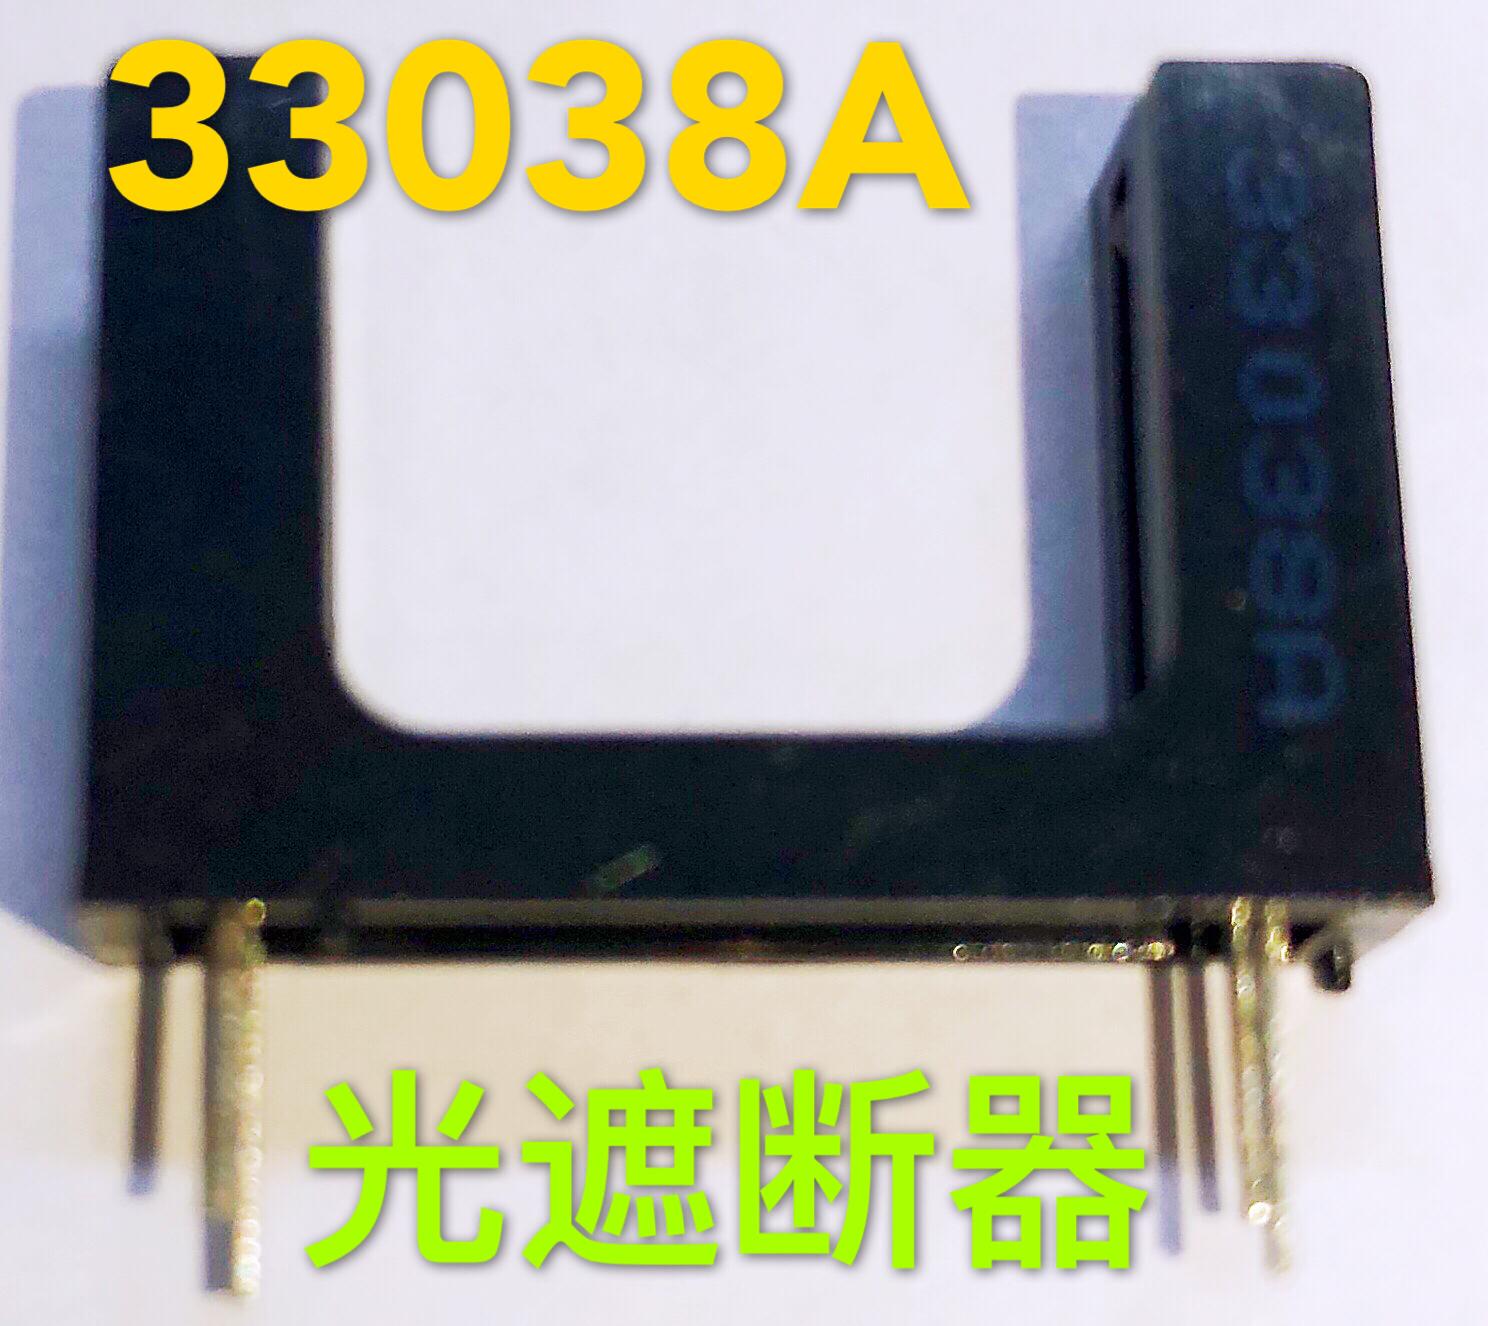 光遮断器33038 A溝型光電スイッチ対射型光断続器透過型光センサー